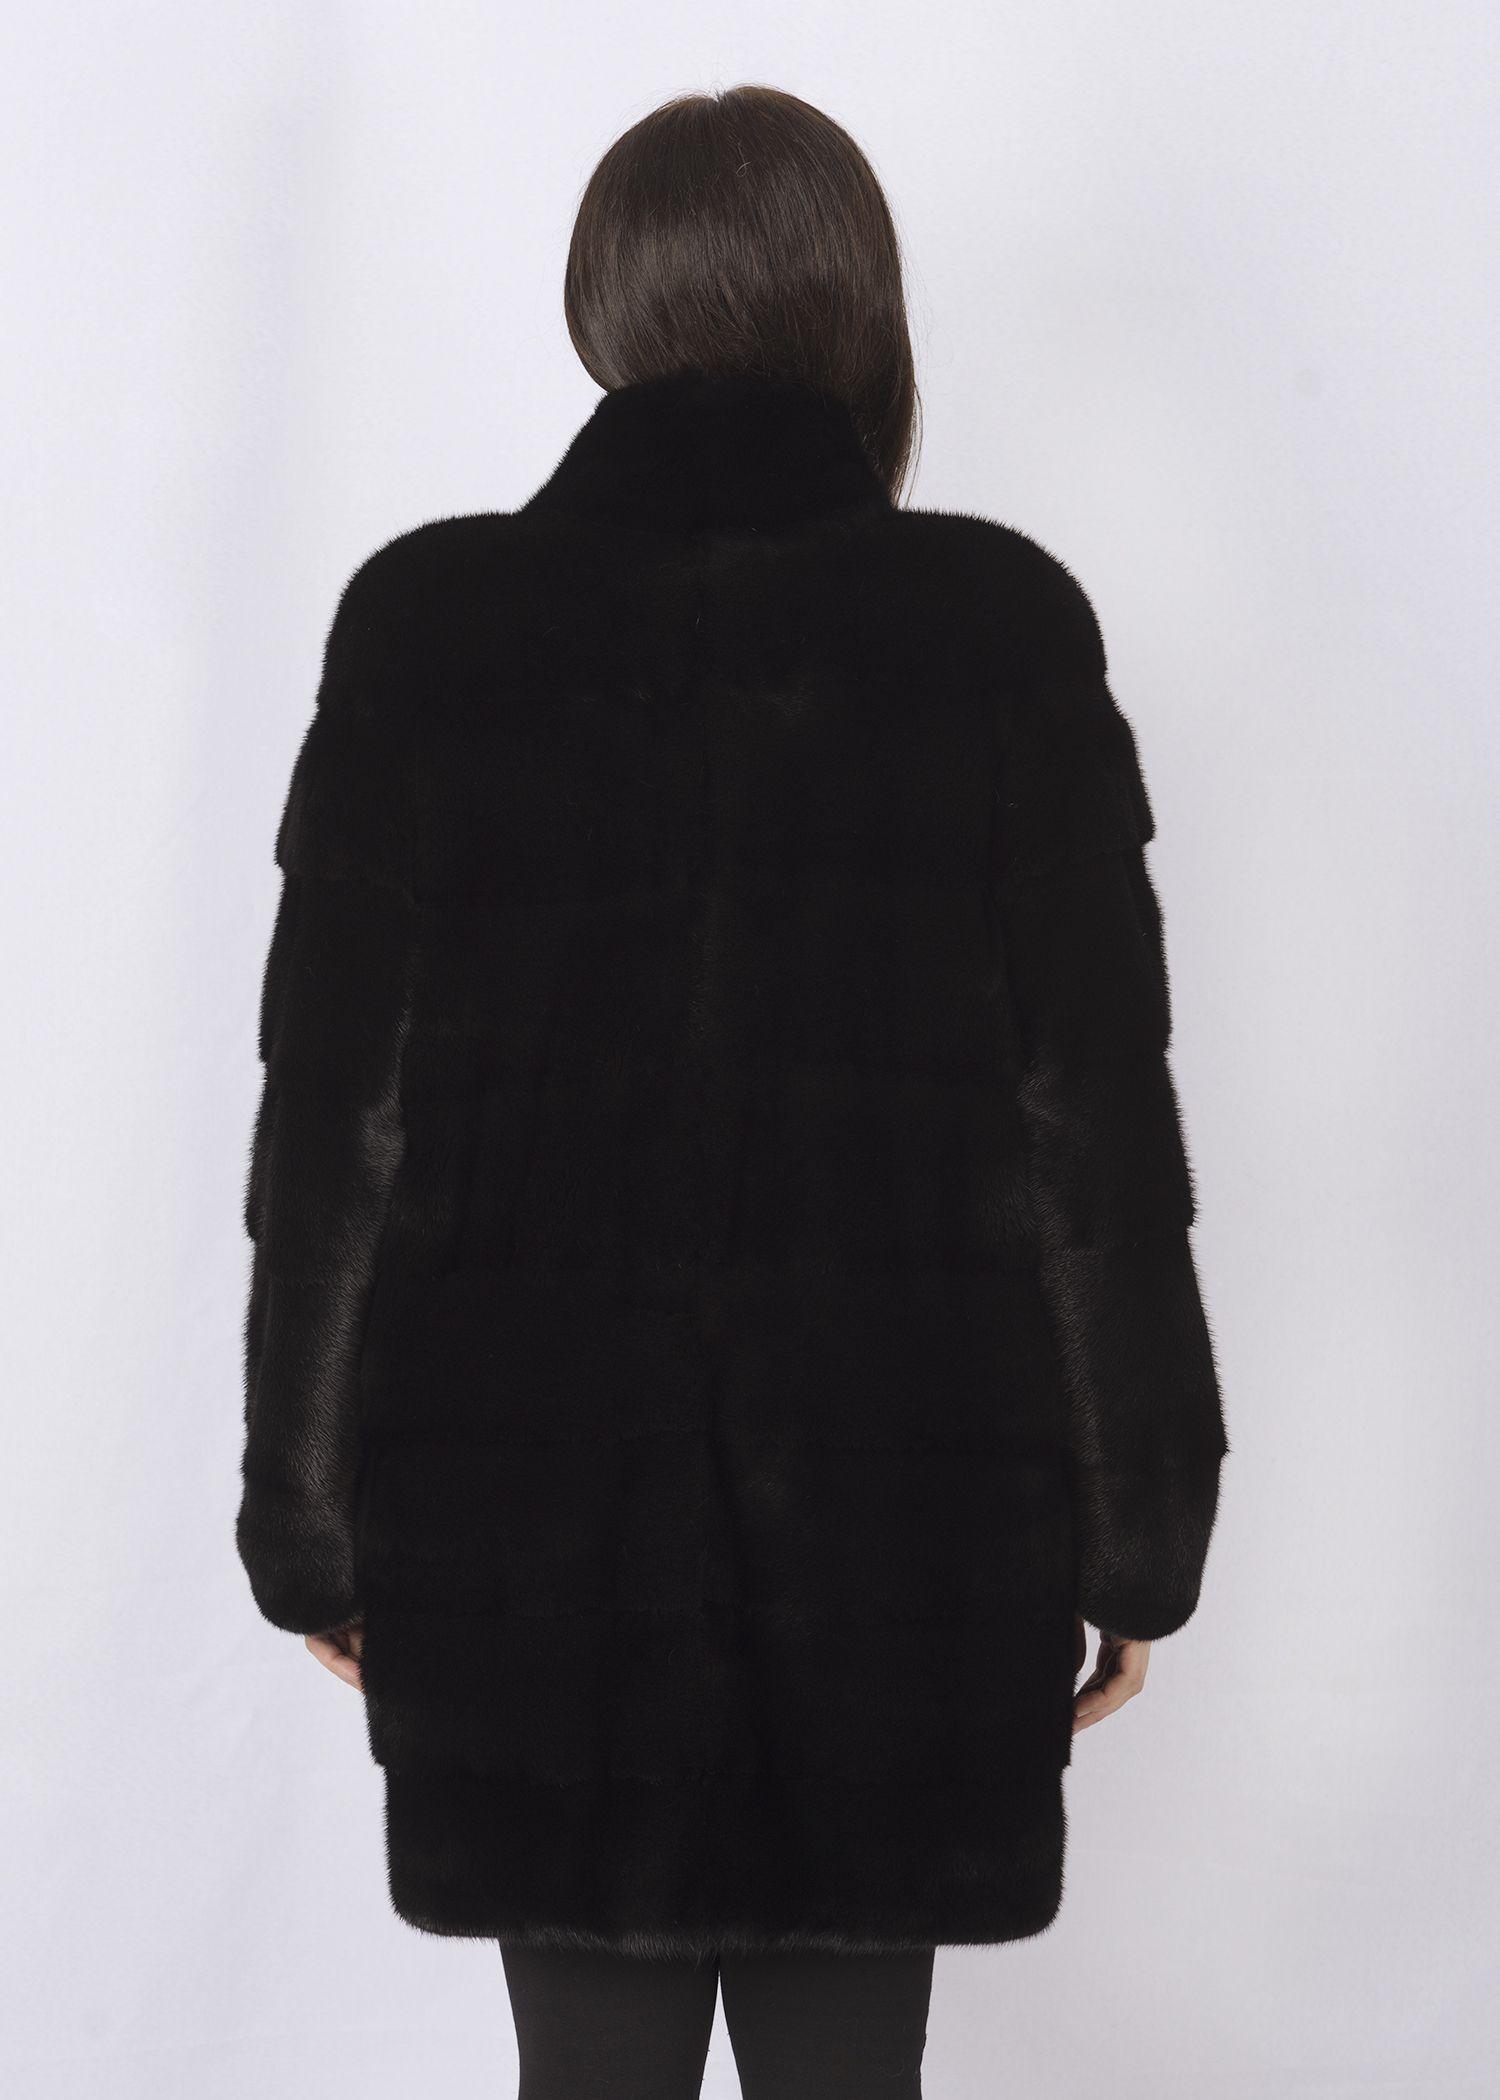 Шуба женская норковая 3418 фото №1